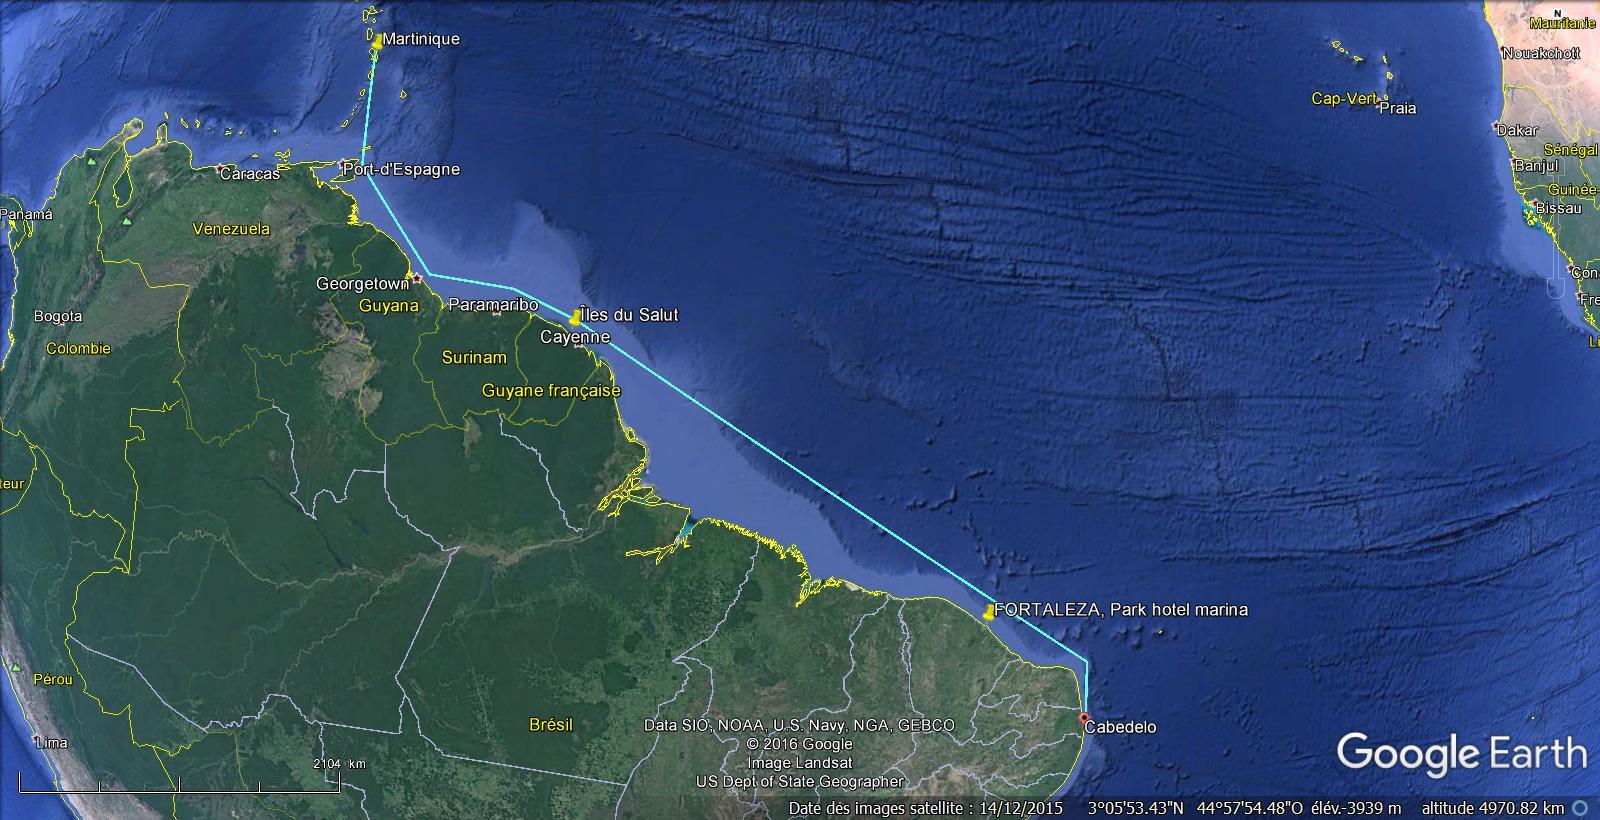 Croisière vers les Caraïbes